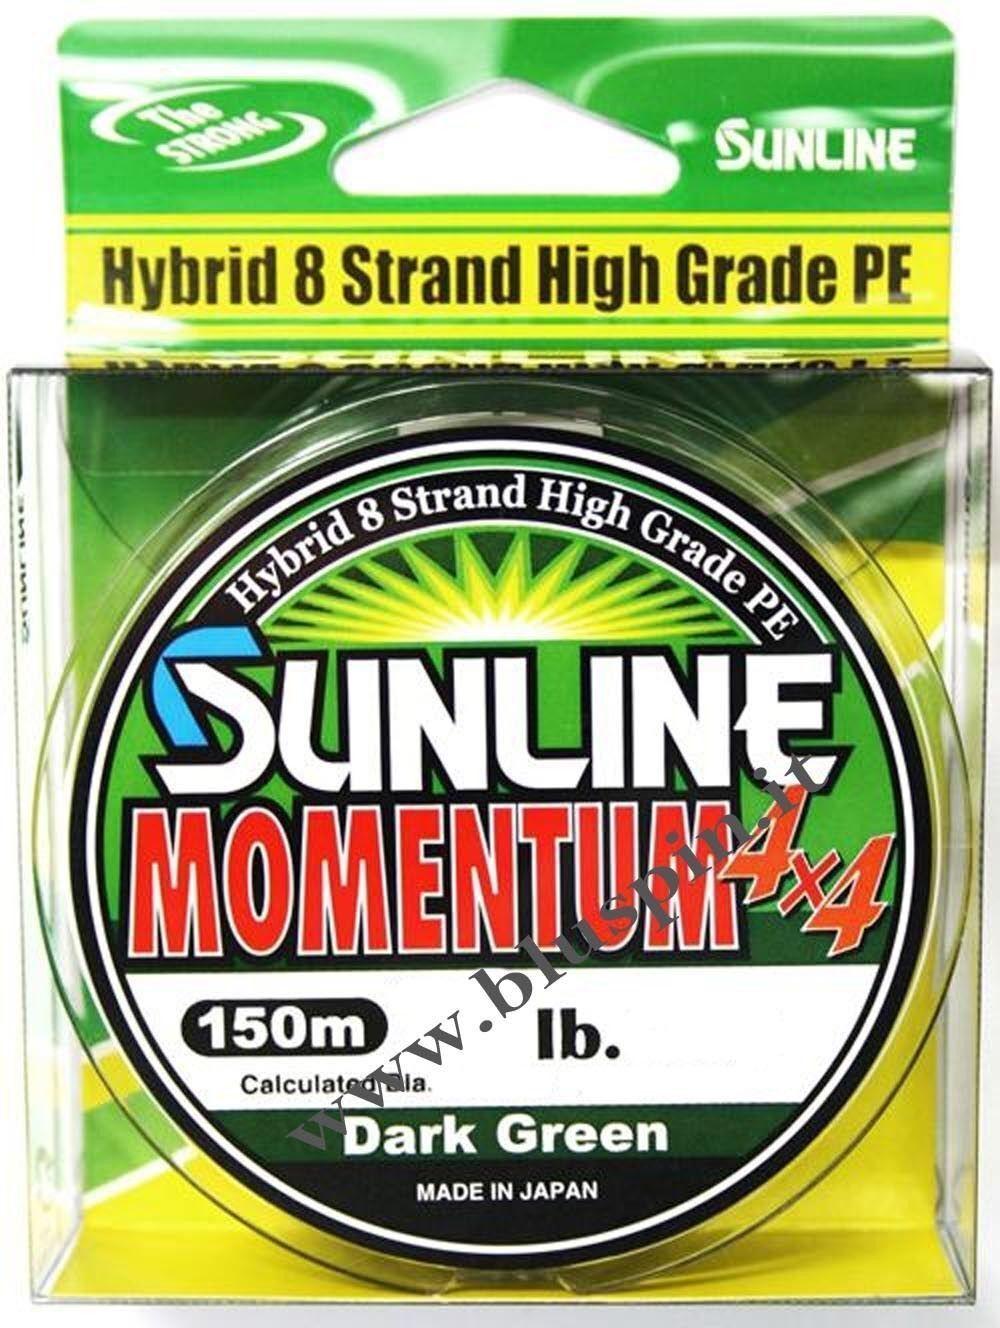 NEW Sunline Momentum 4x4 - 8 strand  High Grade PE  Trecciato 8 Fili Hybrido 16lb  online barato